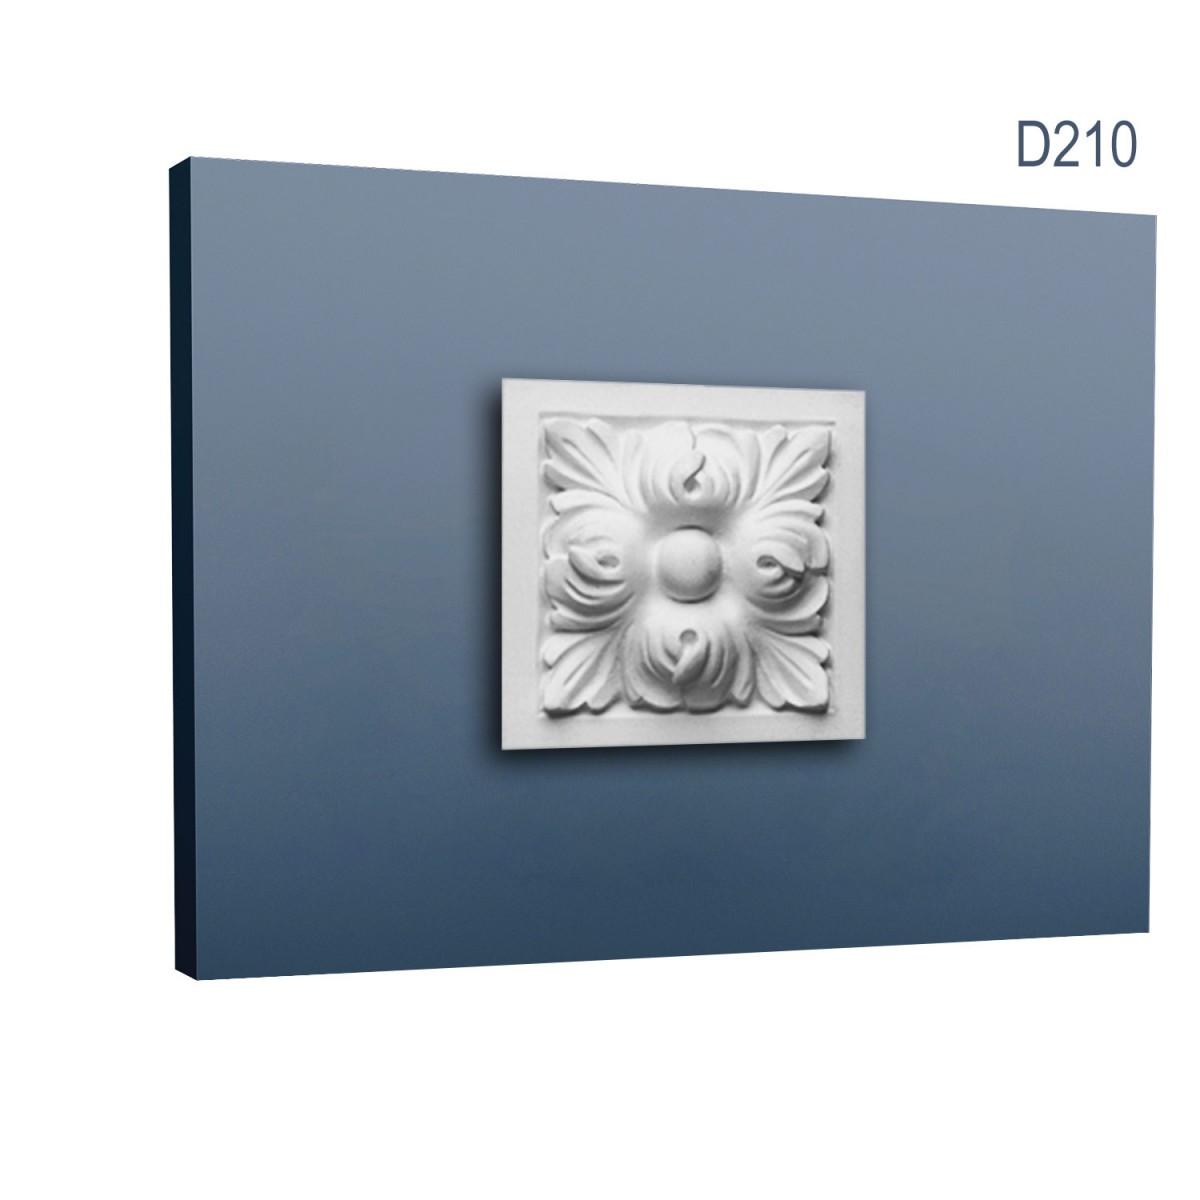 Ornament Ancadrament Usa Luxxus D210, Dimensiuni: 9.6 X 9.6 X 3.5 cm, Orac Decor